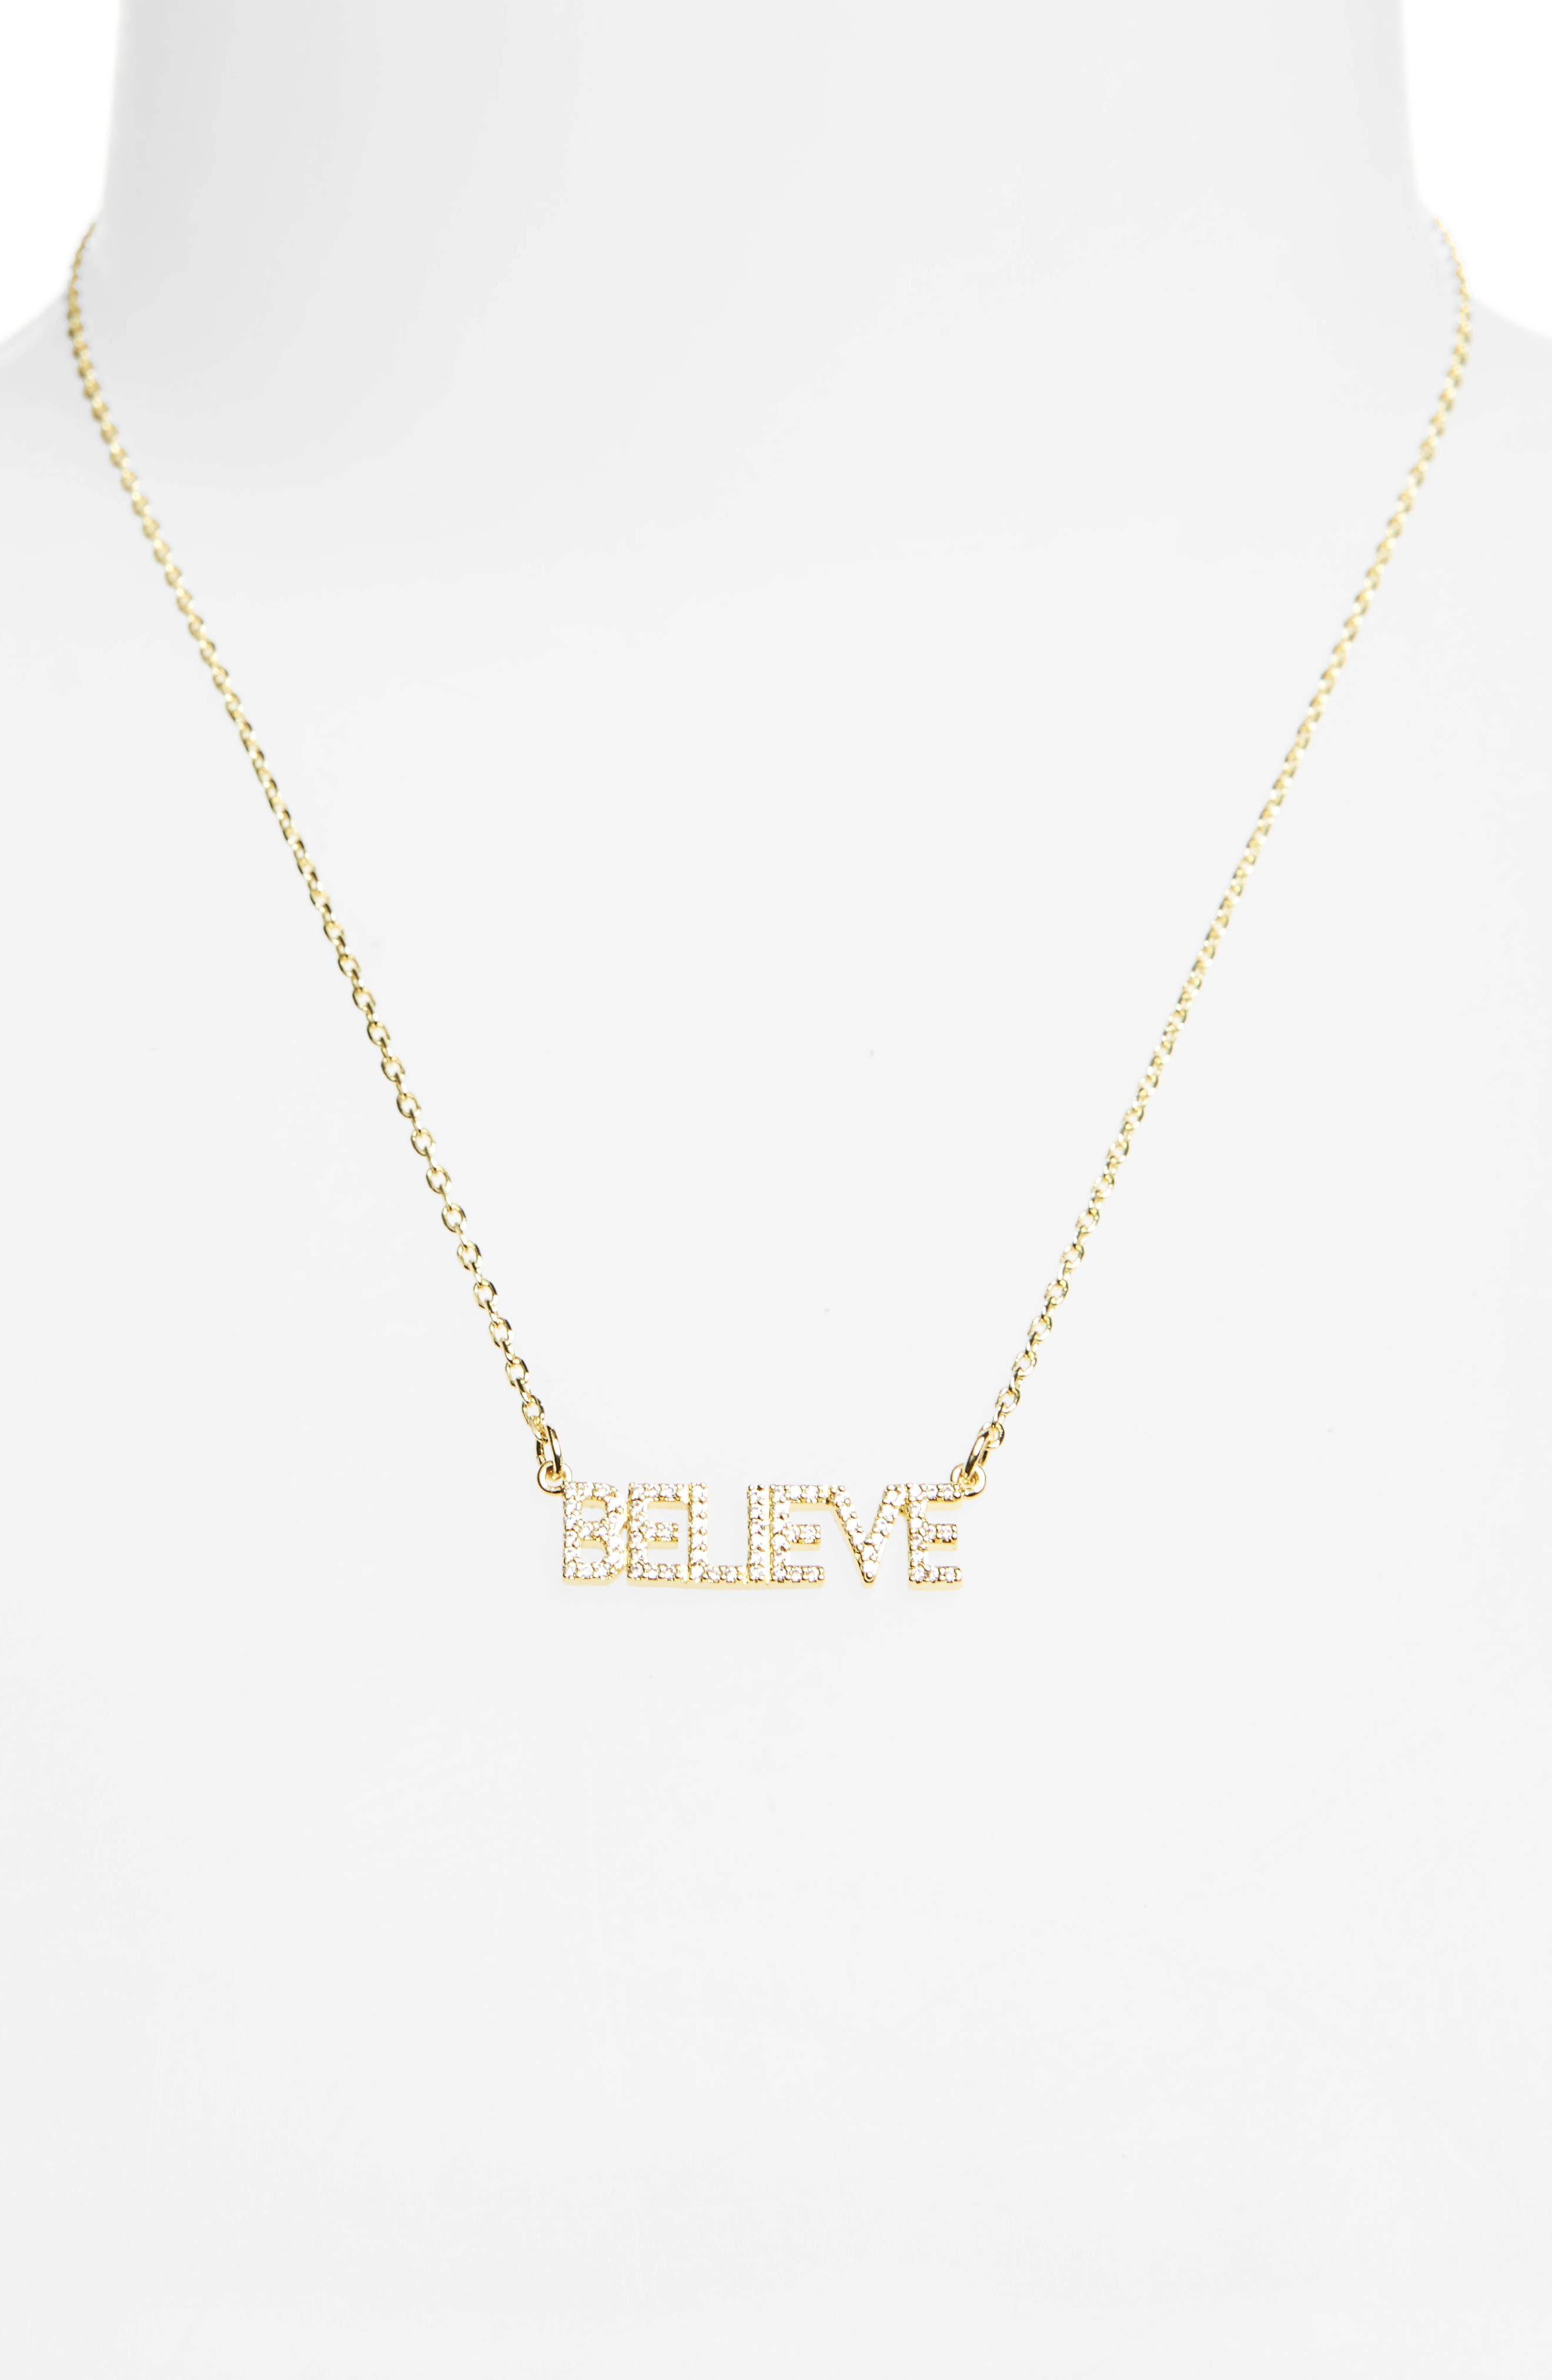 Believe Necklace,                             Alternate thumbnail 2, color,                             710